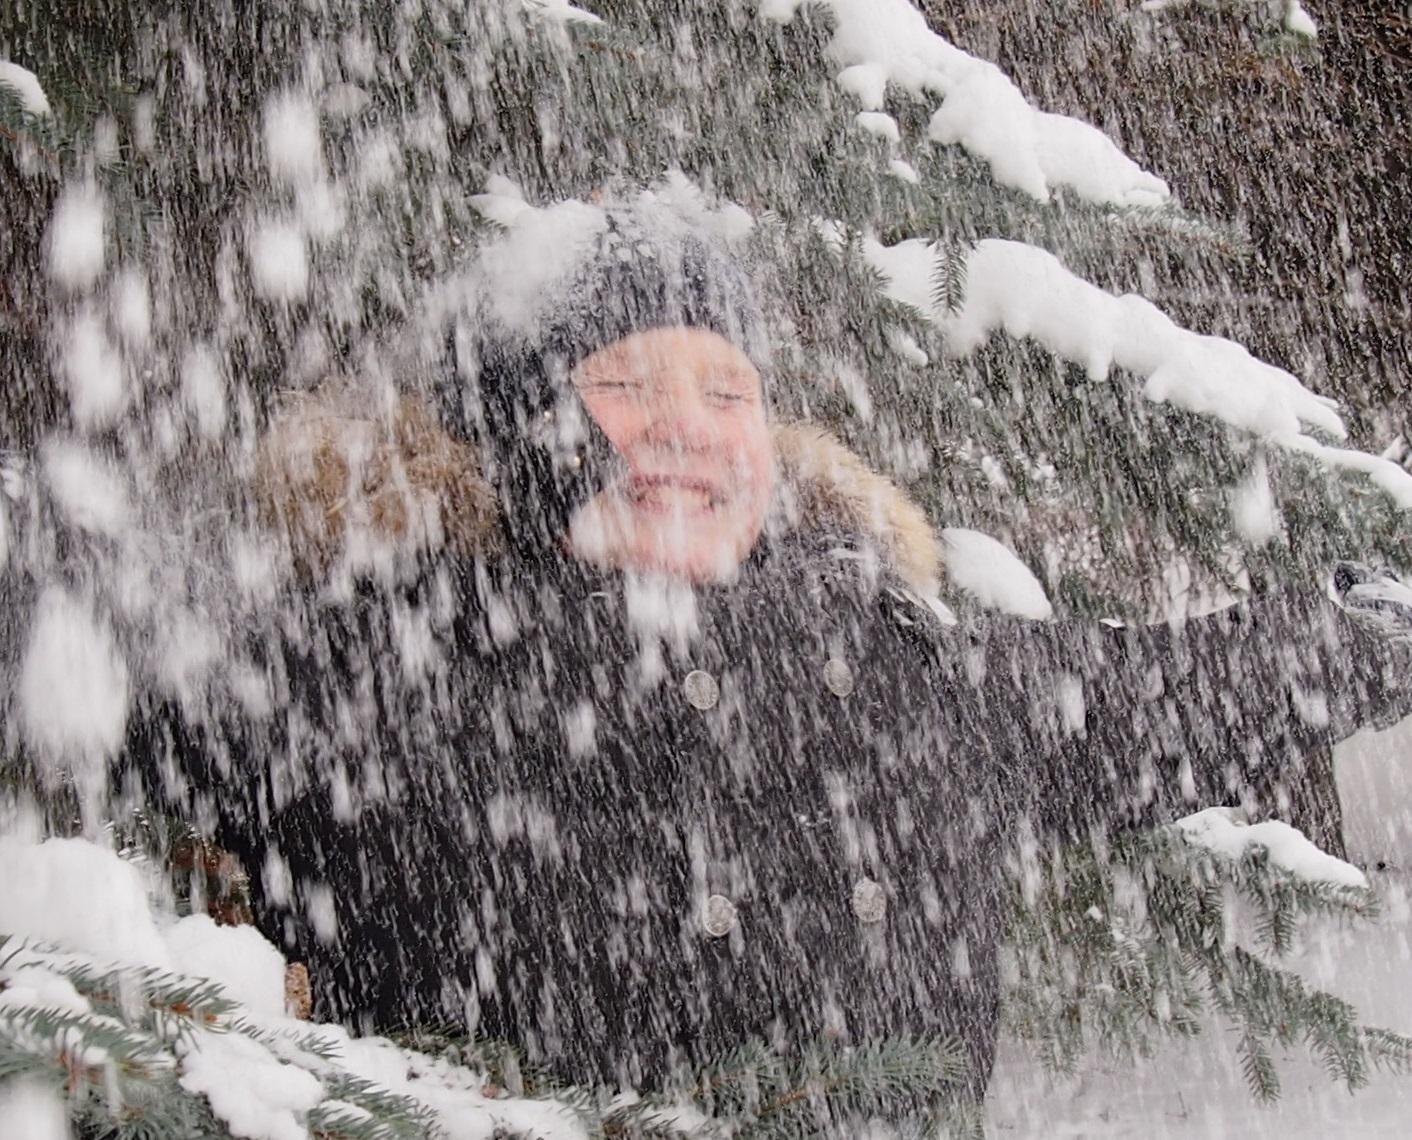 зимнее настроение. Зимний образ